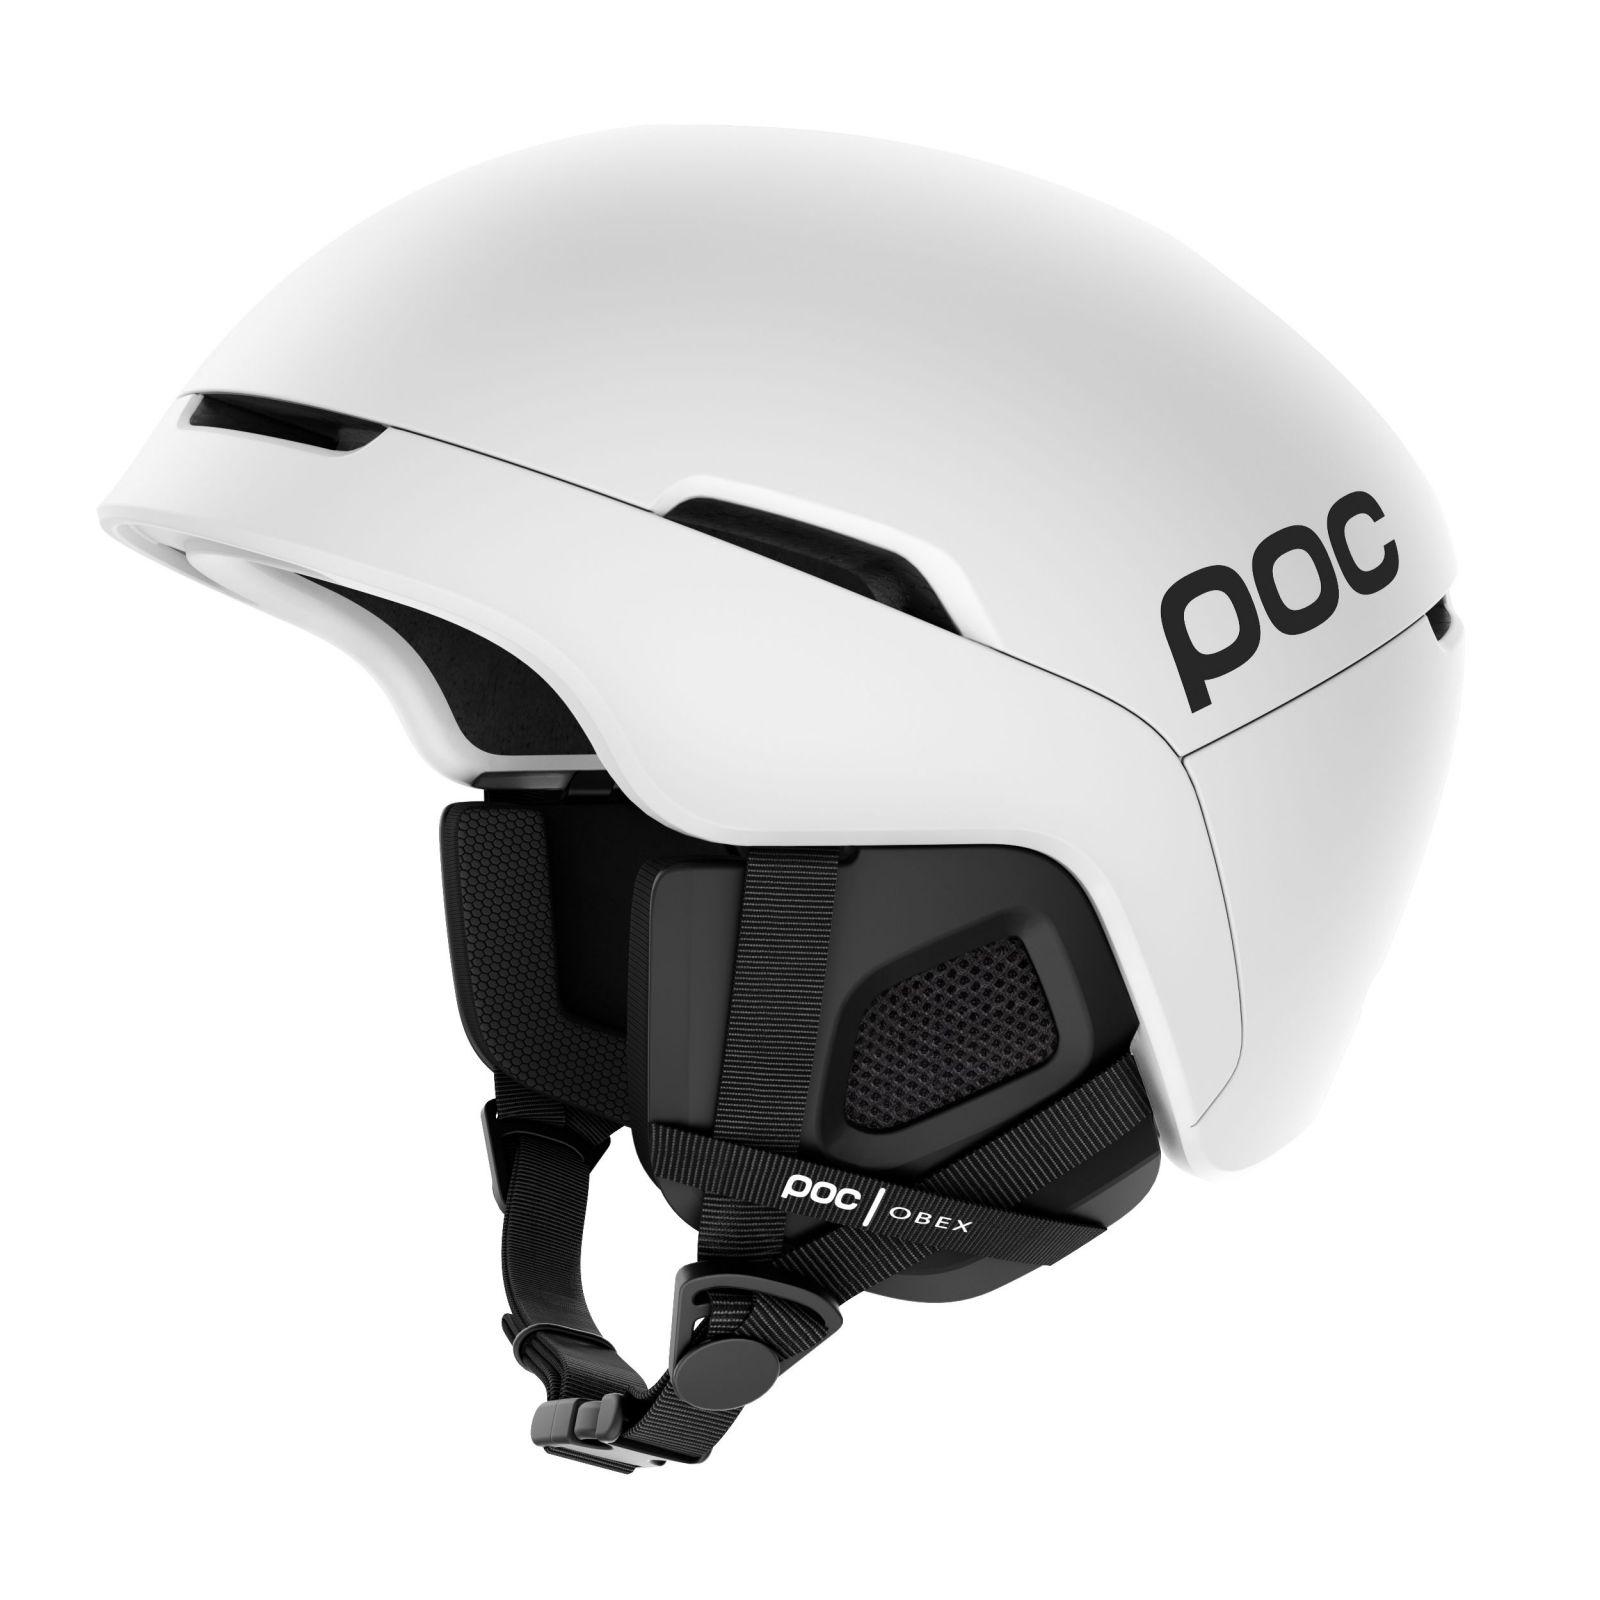 Popis produktu Lyžařská helma POC Obex Spin, Hydrogen White, PC101031001